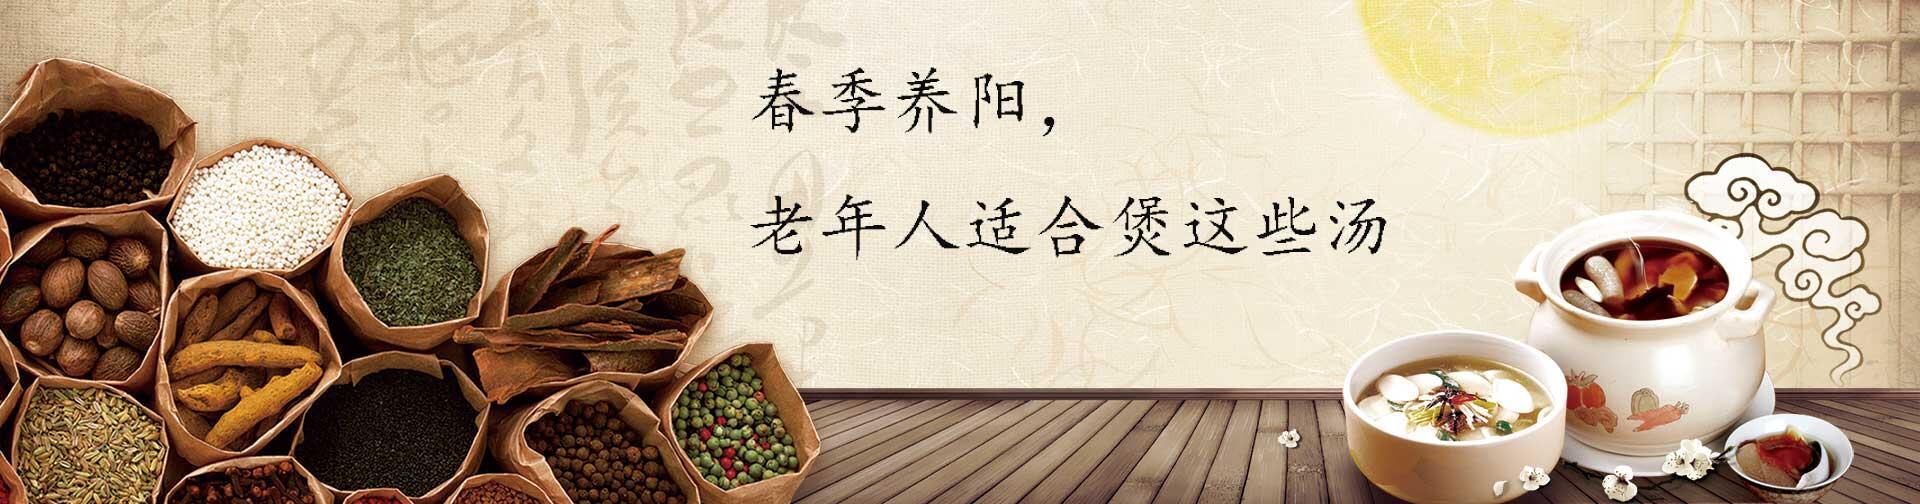 春季养阳,老年人适合煲这些汤